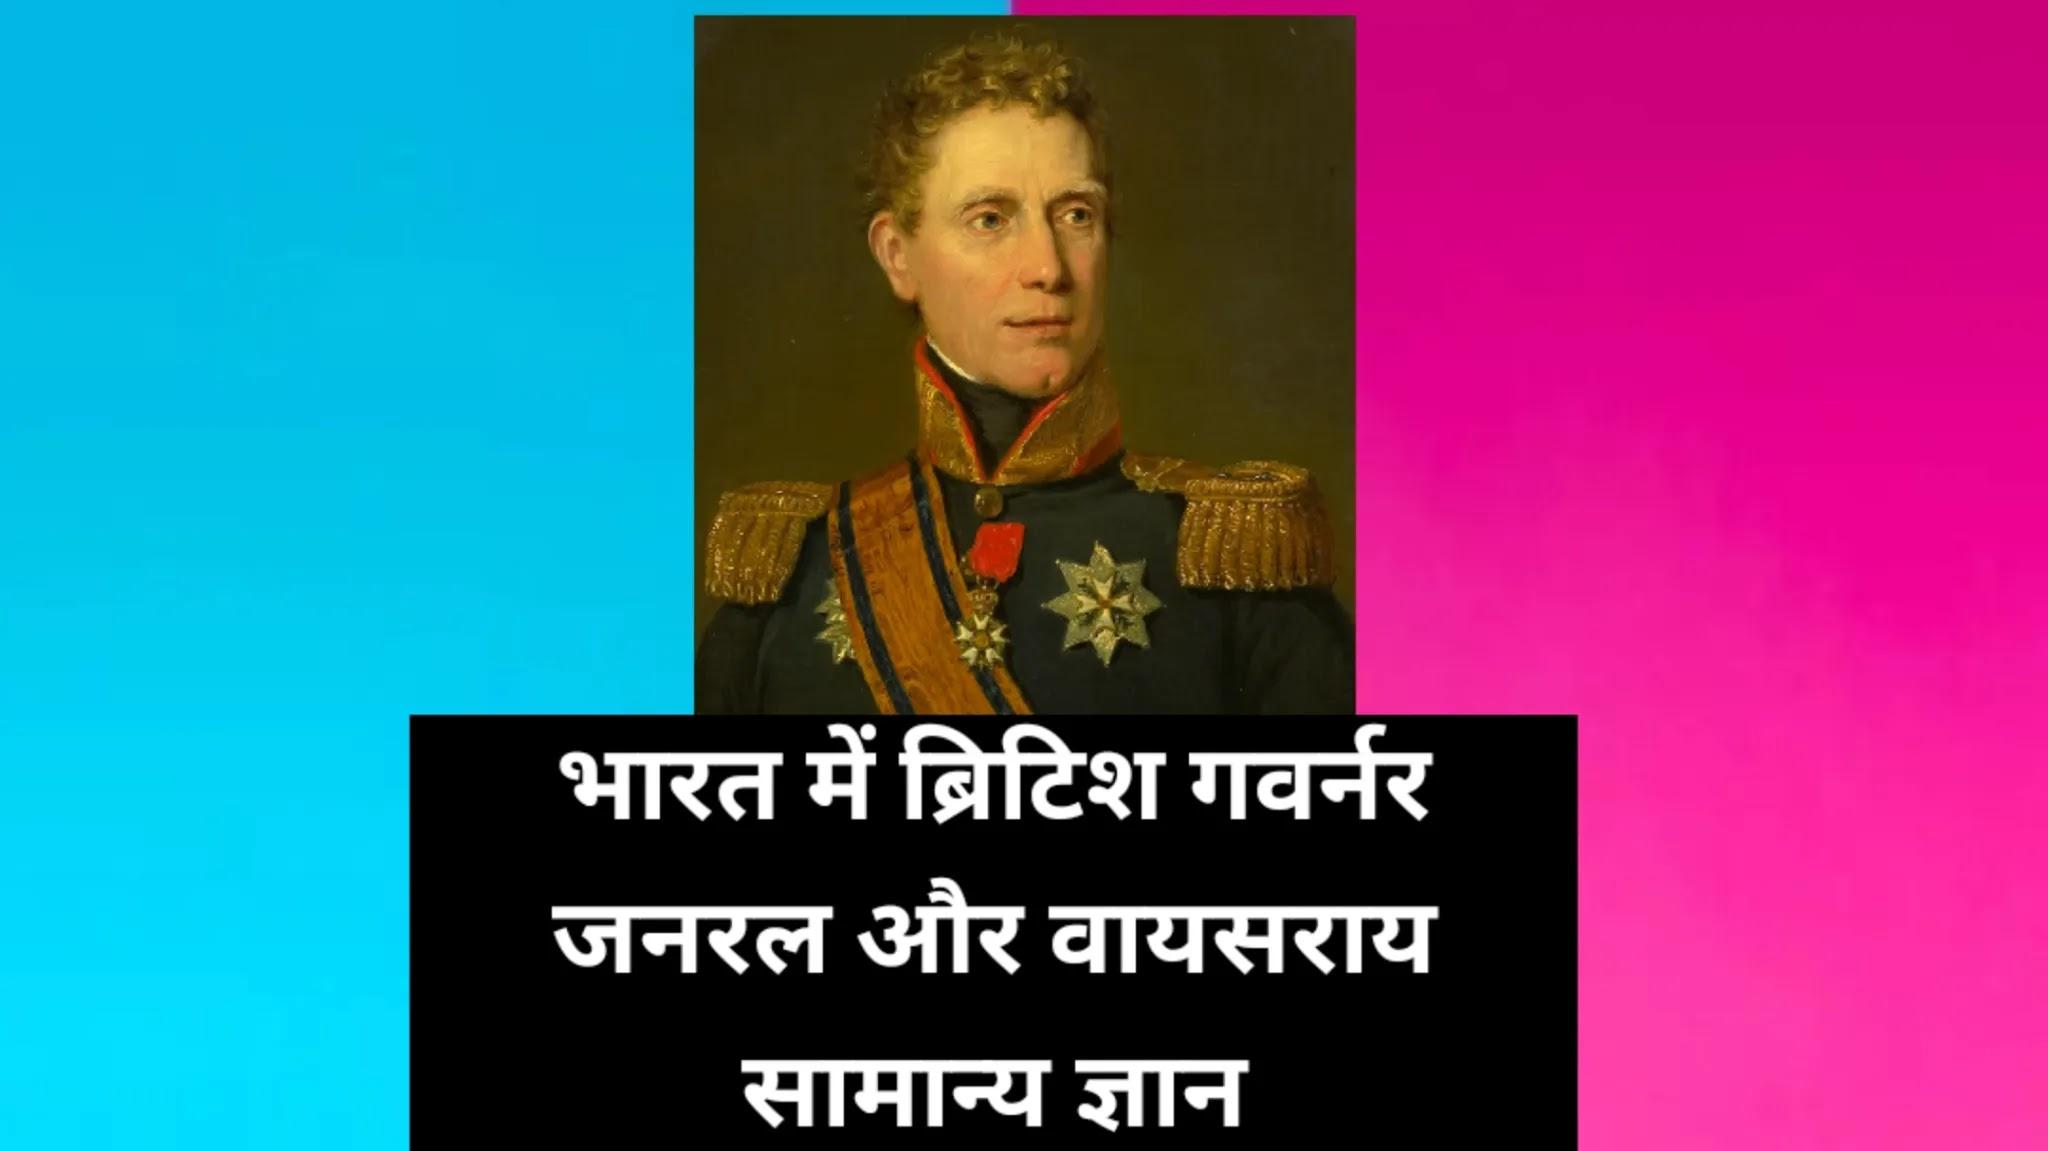 भारत में ब्रिटिश गवर्नर जनरल और वायसराय सामान्य ज्ञान, British Governor General and Viceroy in India